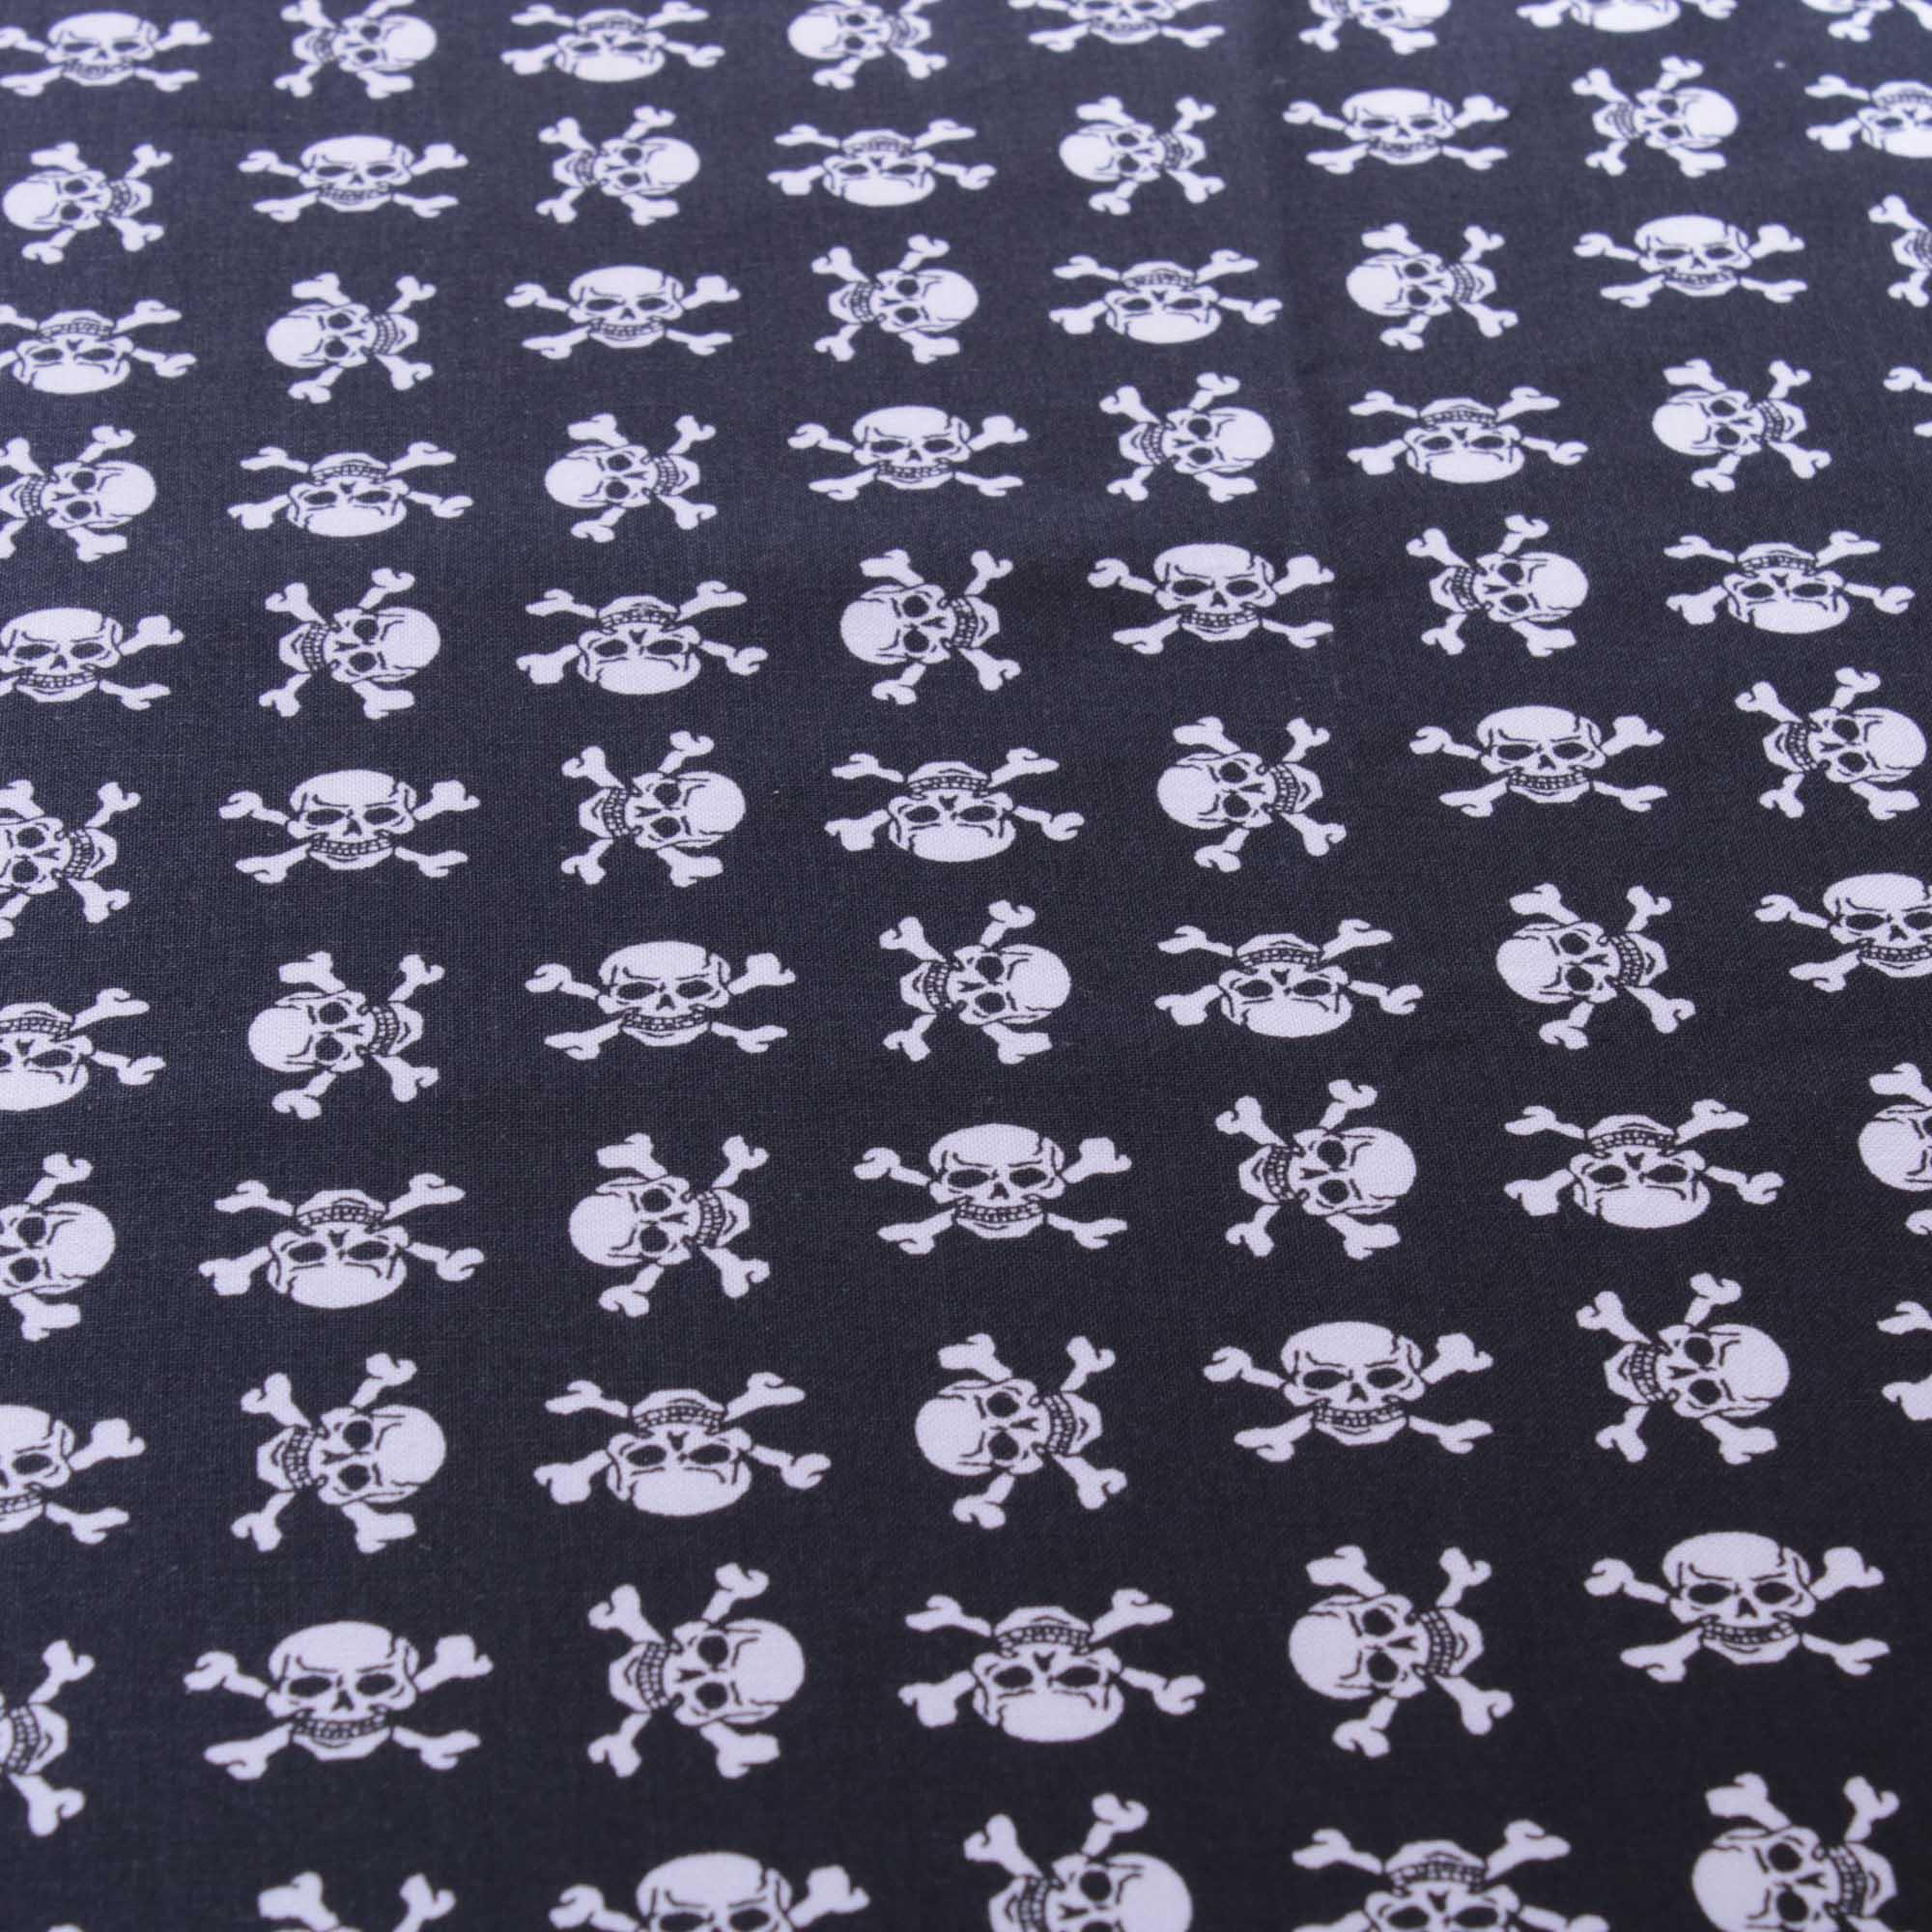 Tecido tricoline estampado caveira 100% algodão preto